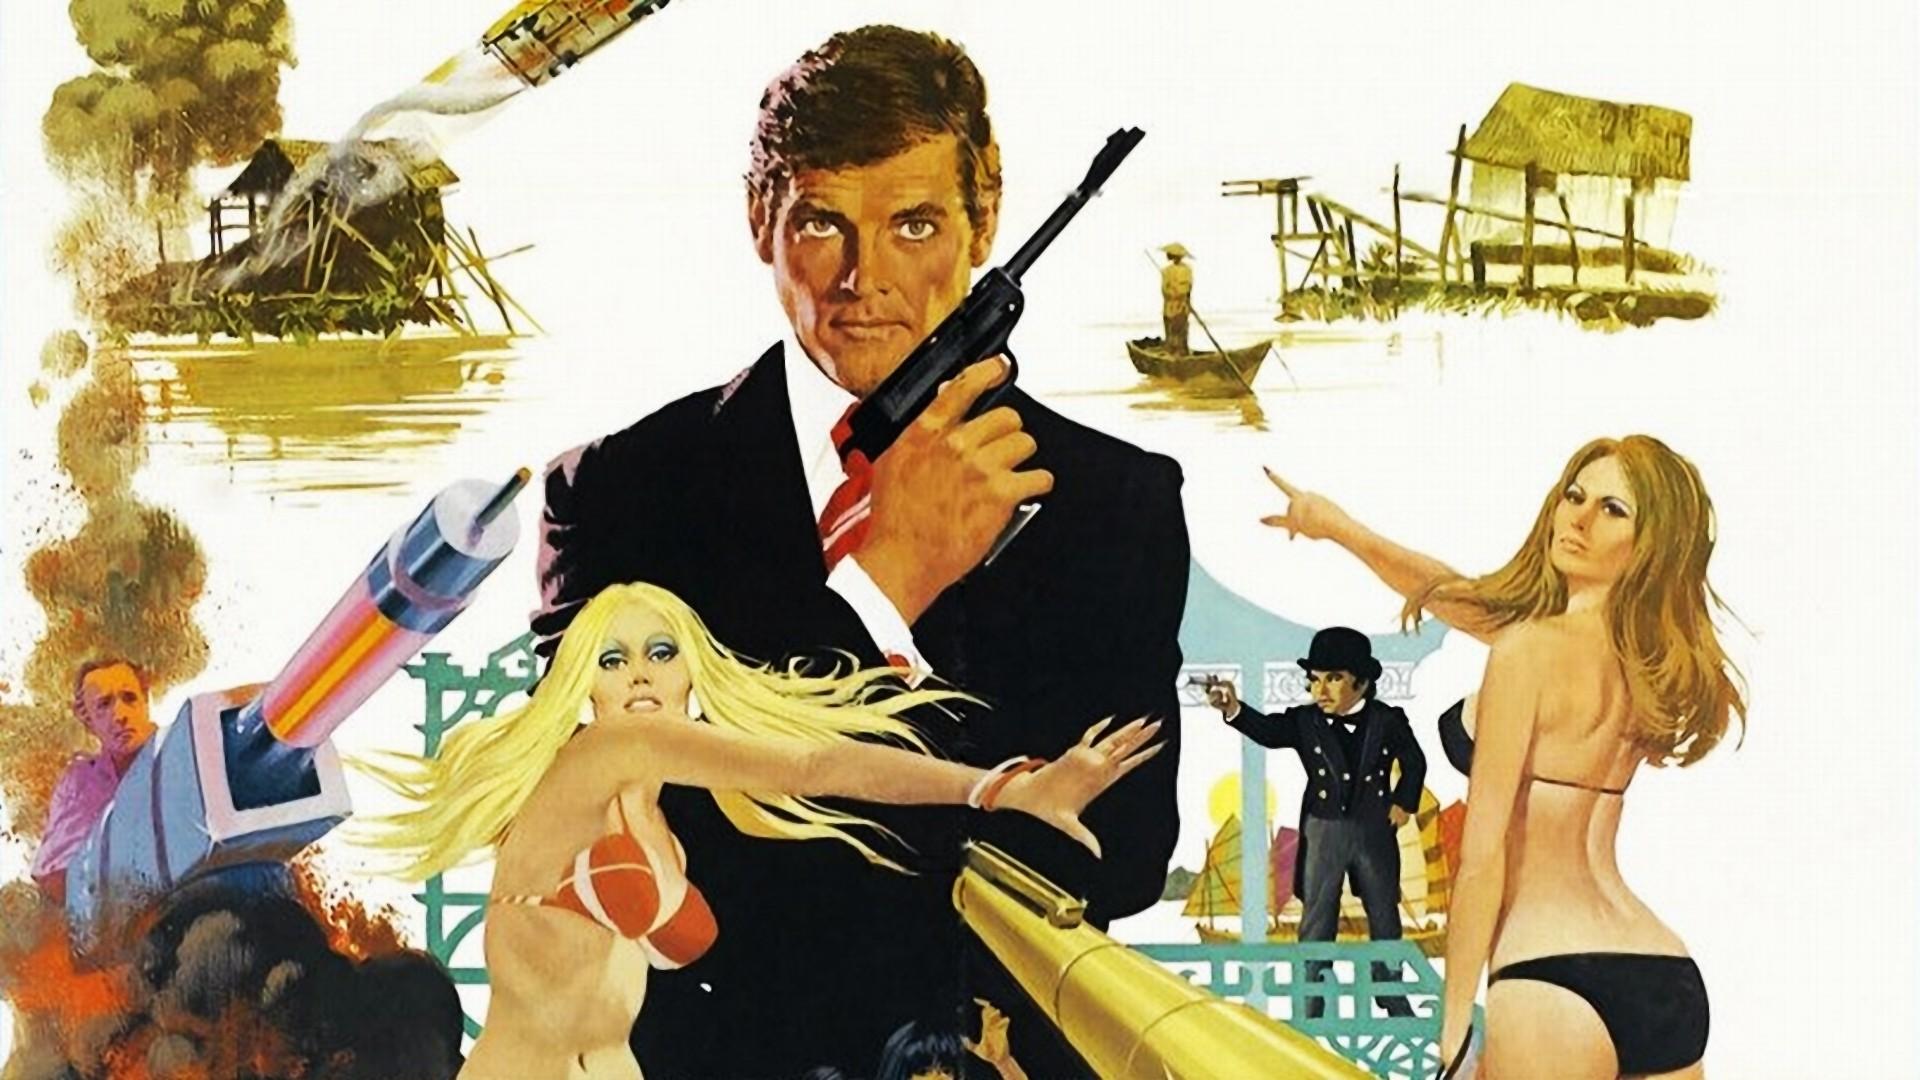 Man with the Golden Gun Artwork